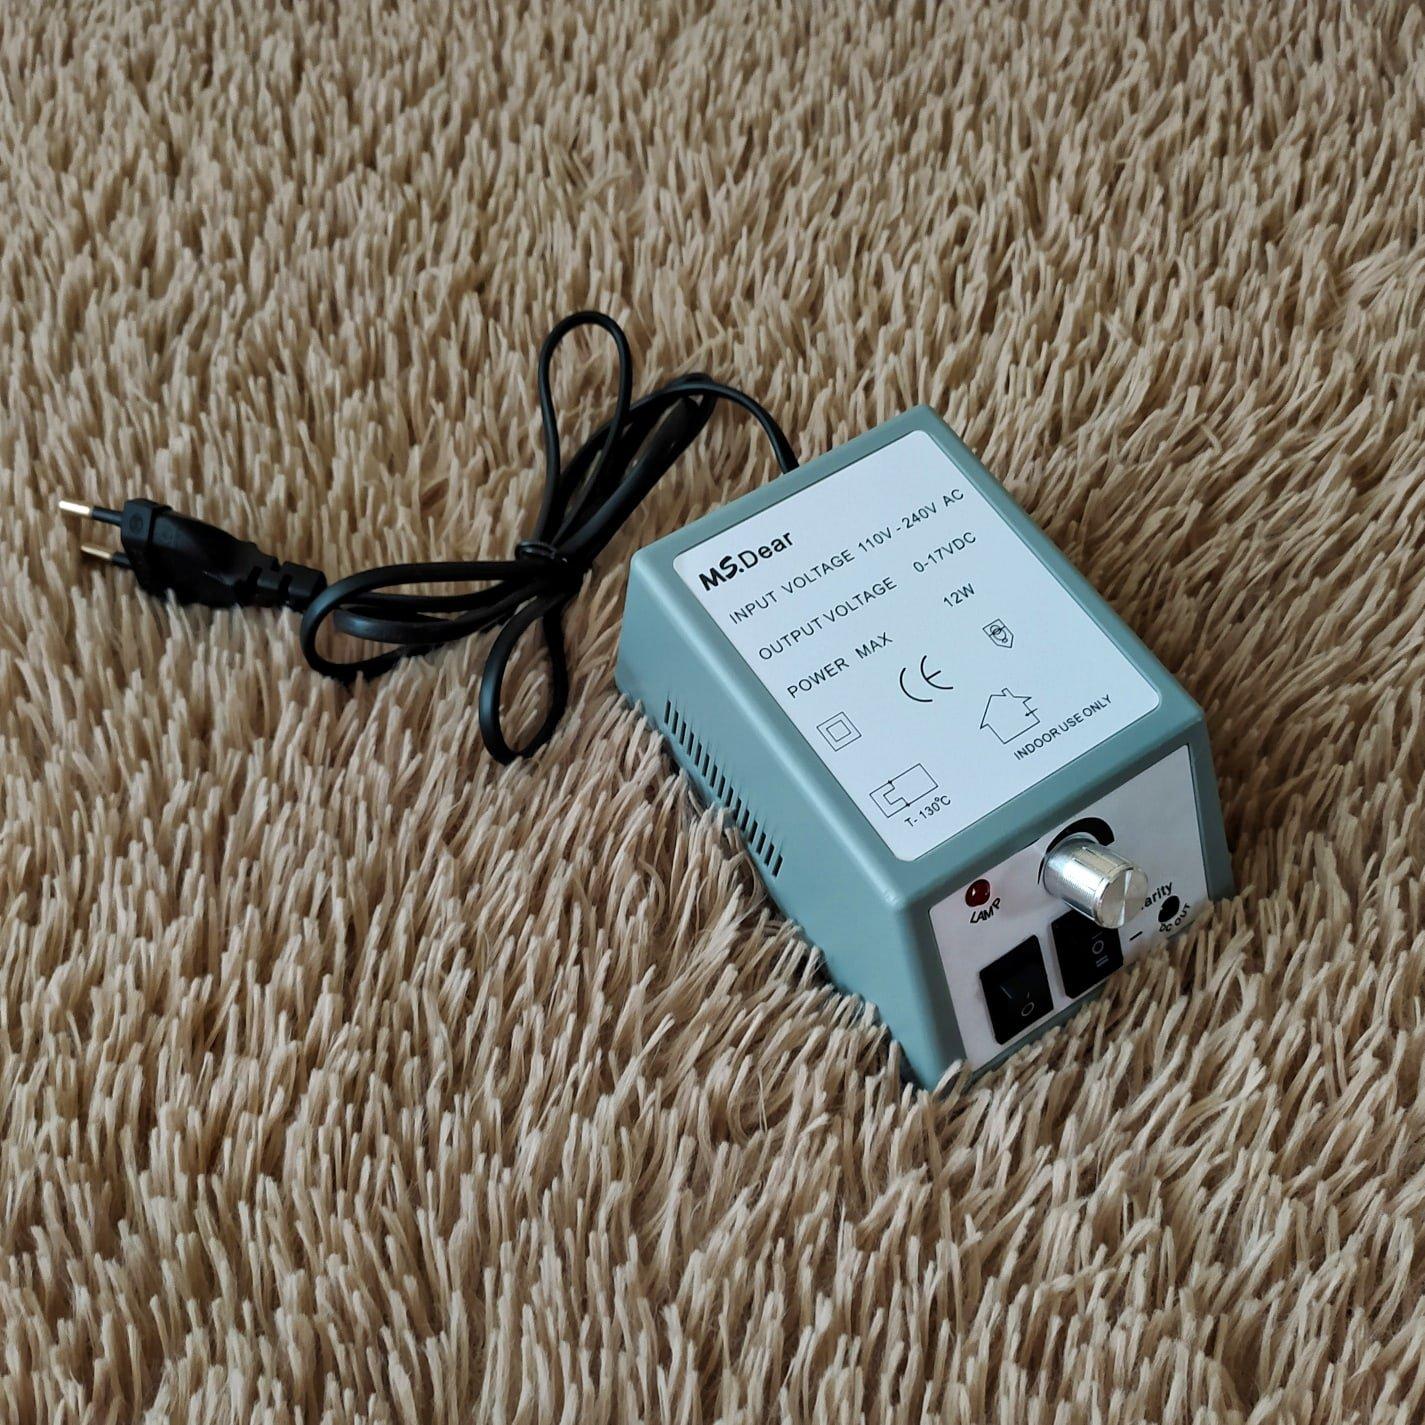 Аппарат для маникюра/педикюра MS. DEAR 11024 - характеристики